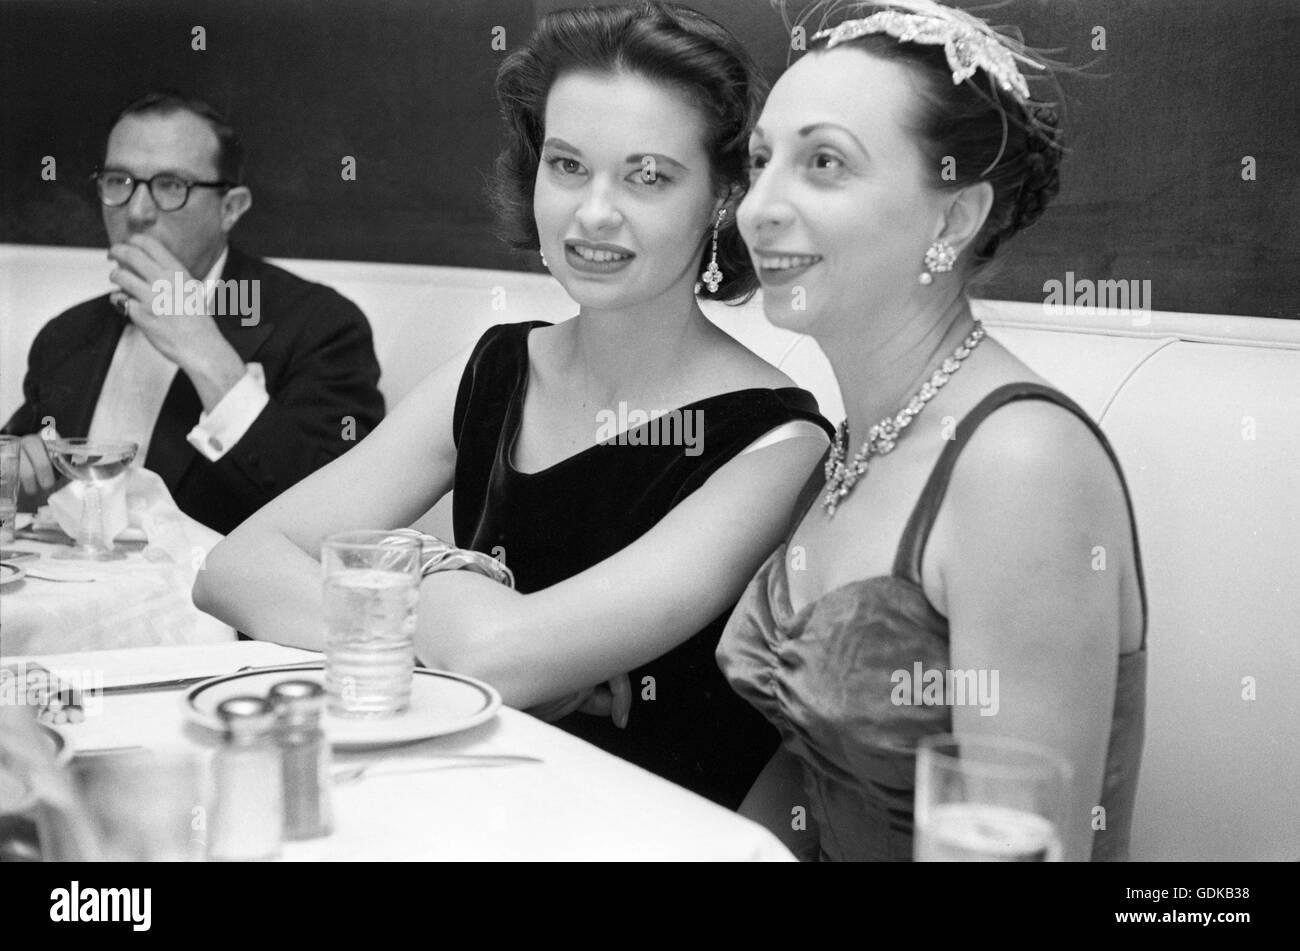 Gloria Vanderbilt, beim Abendessen mit Freunden, 1955. Stockbild